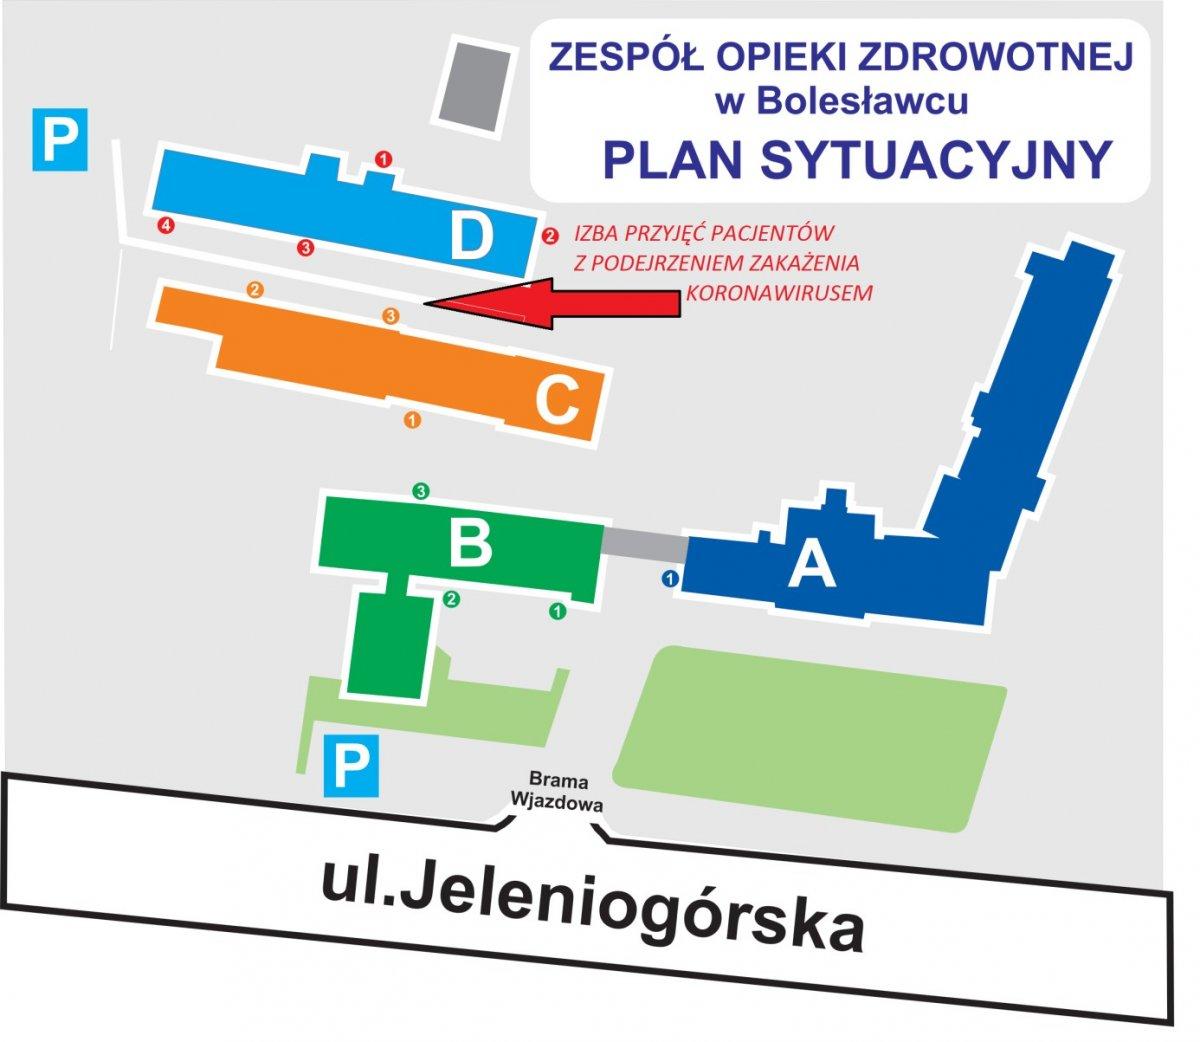 Plan sytuacyjny ZOZ-u w Bolesławcu